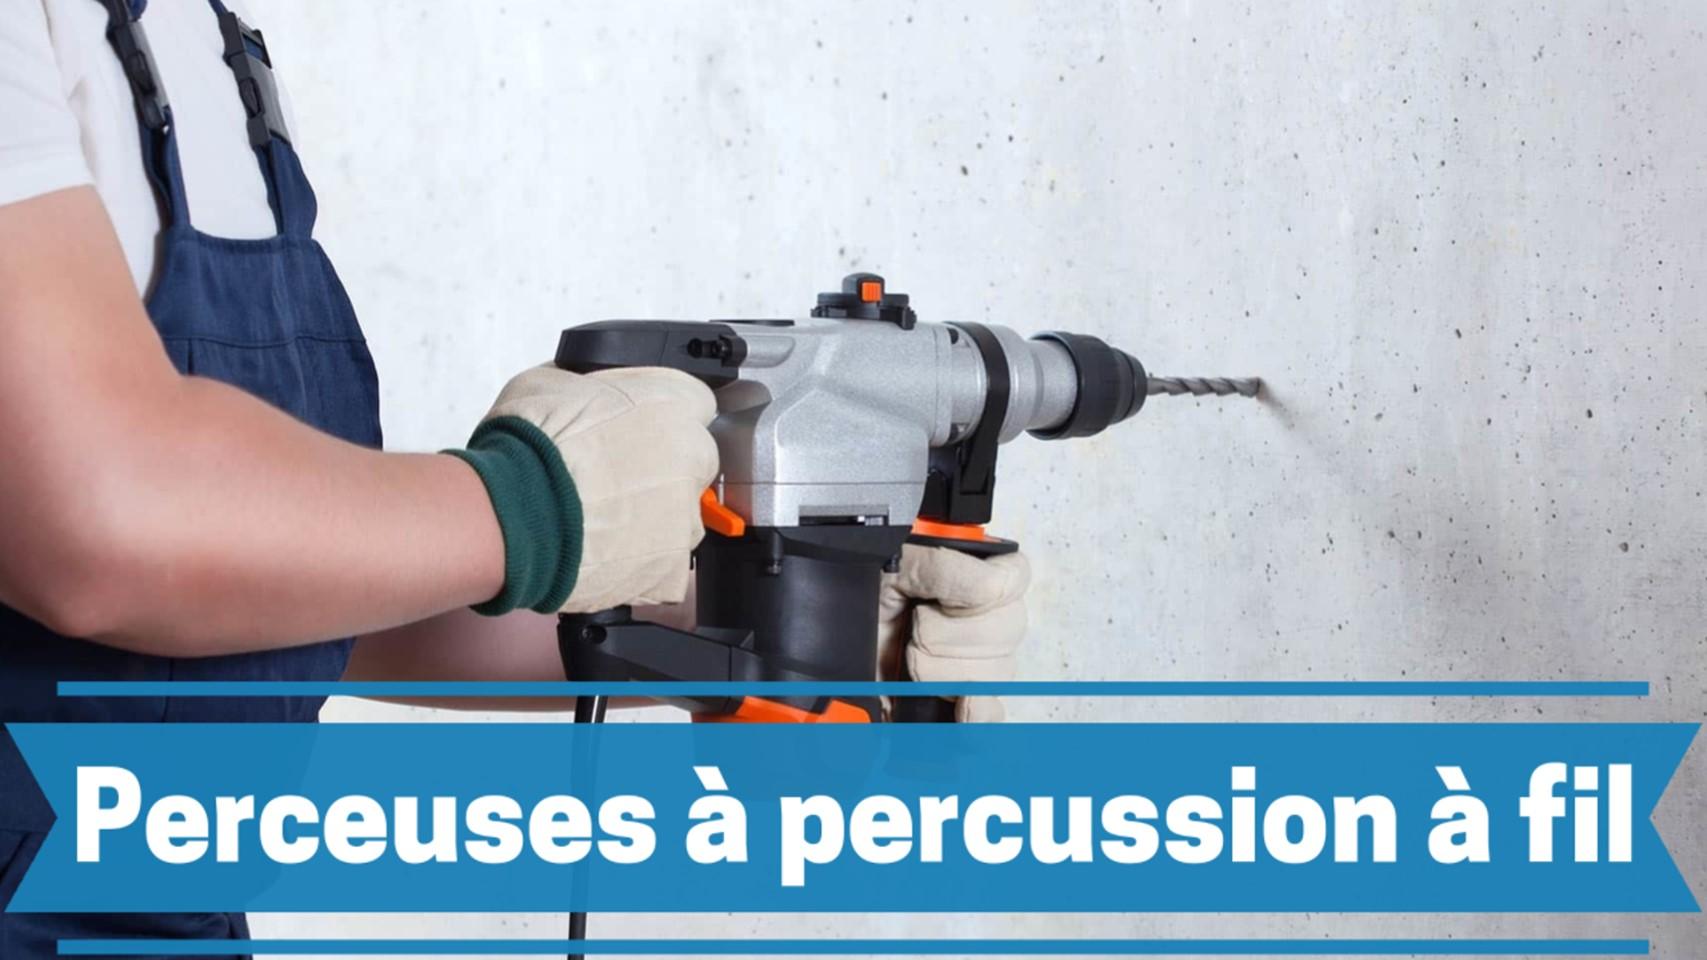 Photo de Meilleures de perceuses à percussion filaires 2020 – Avis, guide d'achat  et comparatif